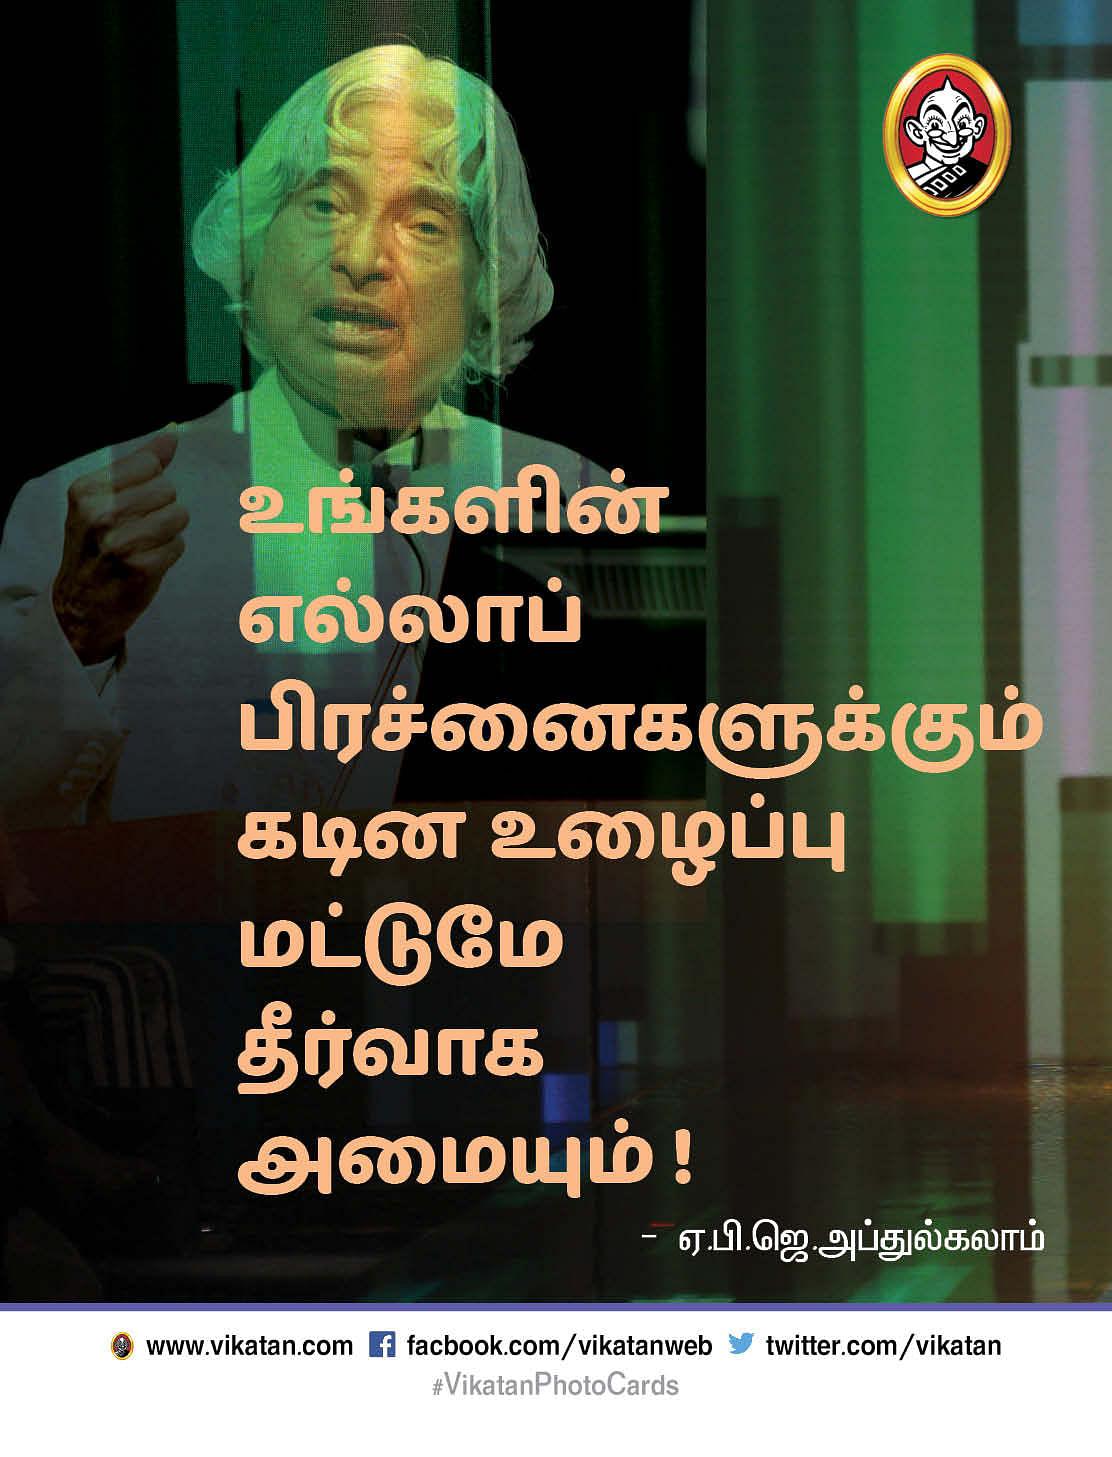 ஏ.பி.ஜெ.அப்துல்கலாம்